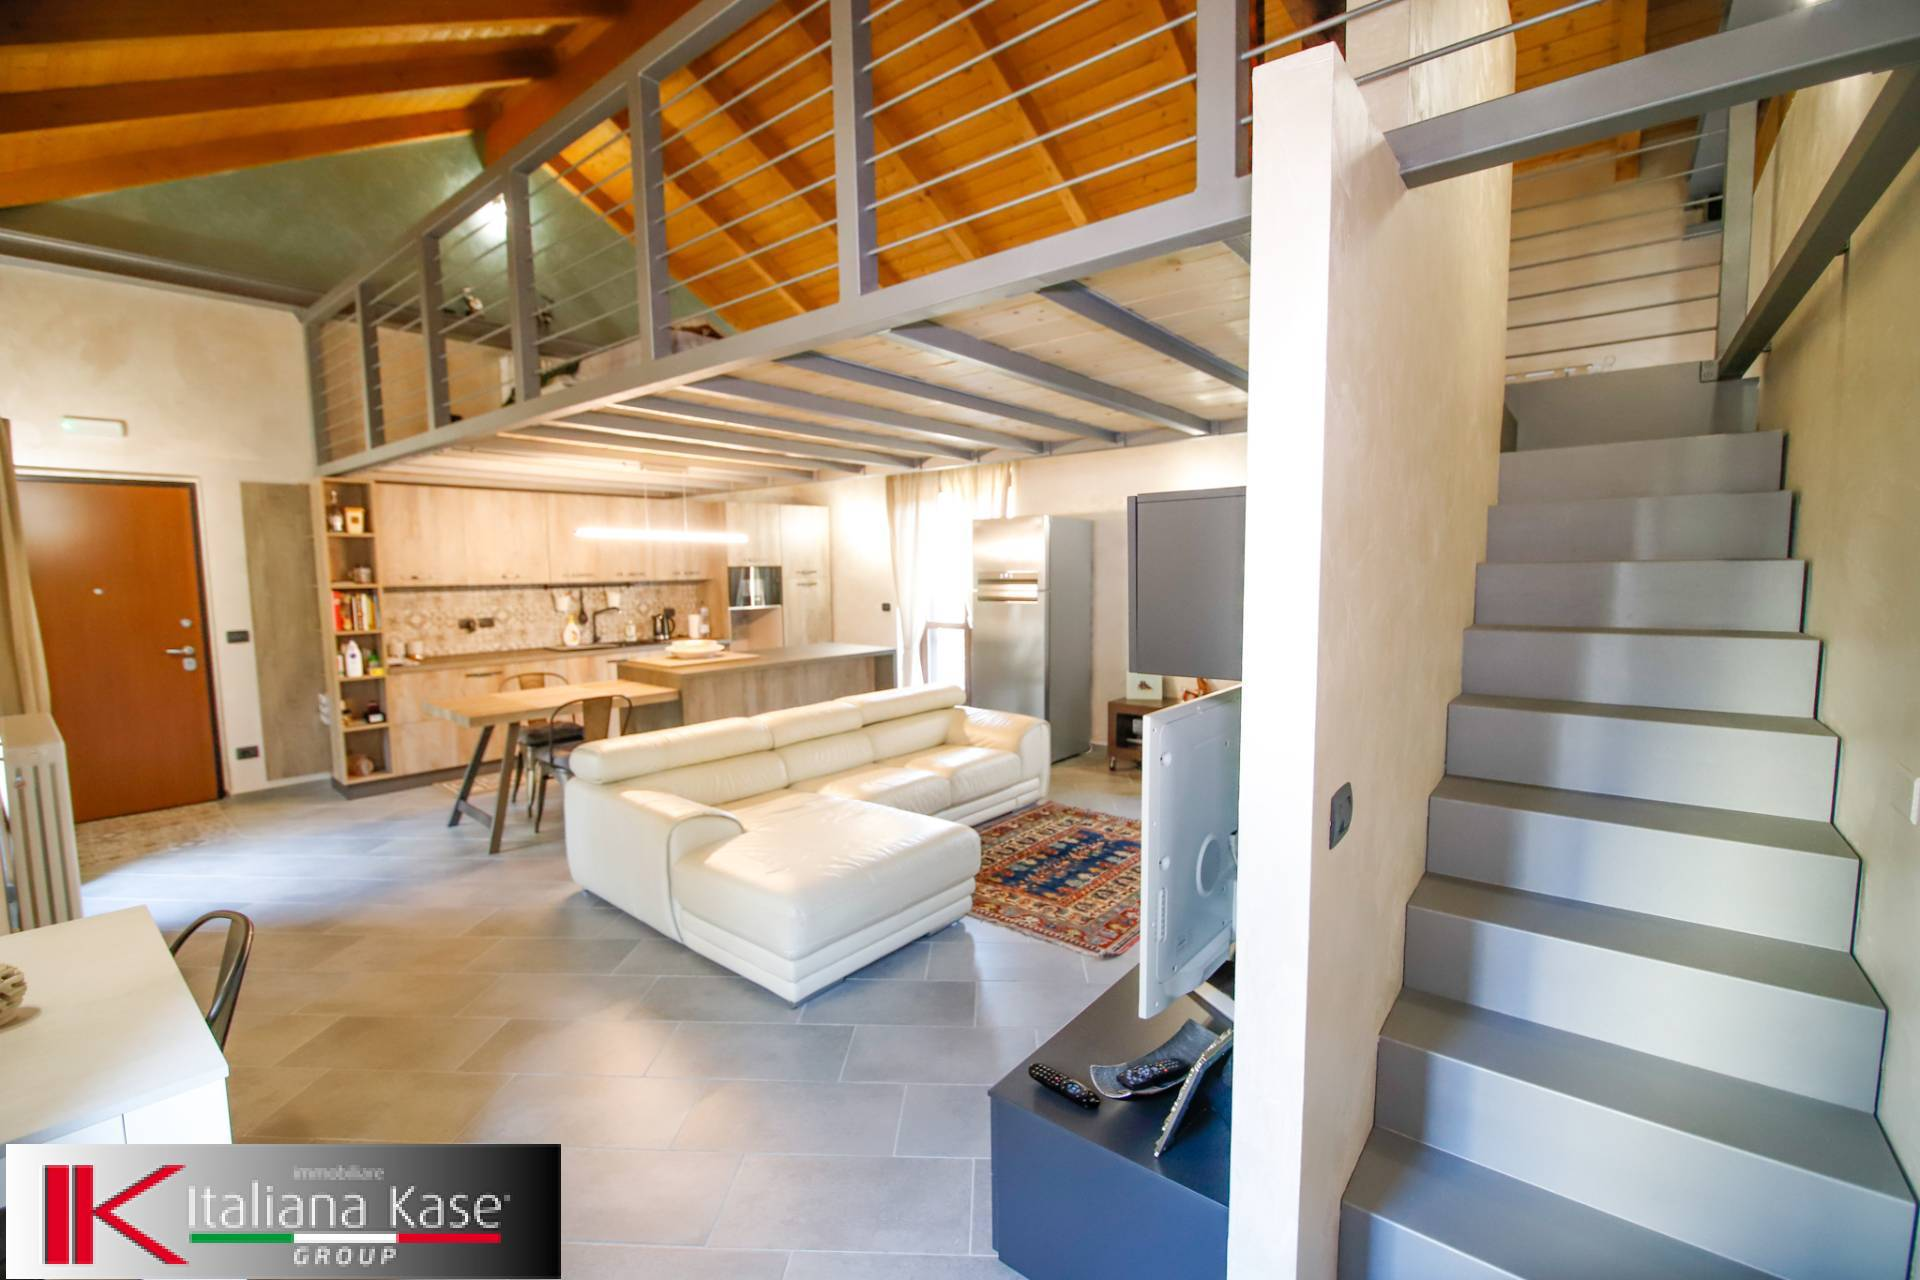 Appartamento in vendita a Gassino Torinese, 5 locali, zona Località: GassinoTorinese, prezzo € 189.000 | PortaleAgenzieImmobiliari.it